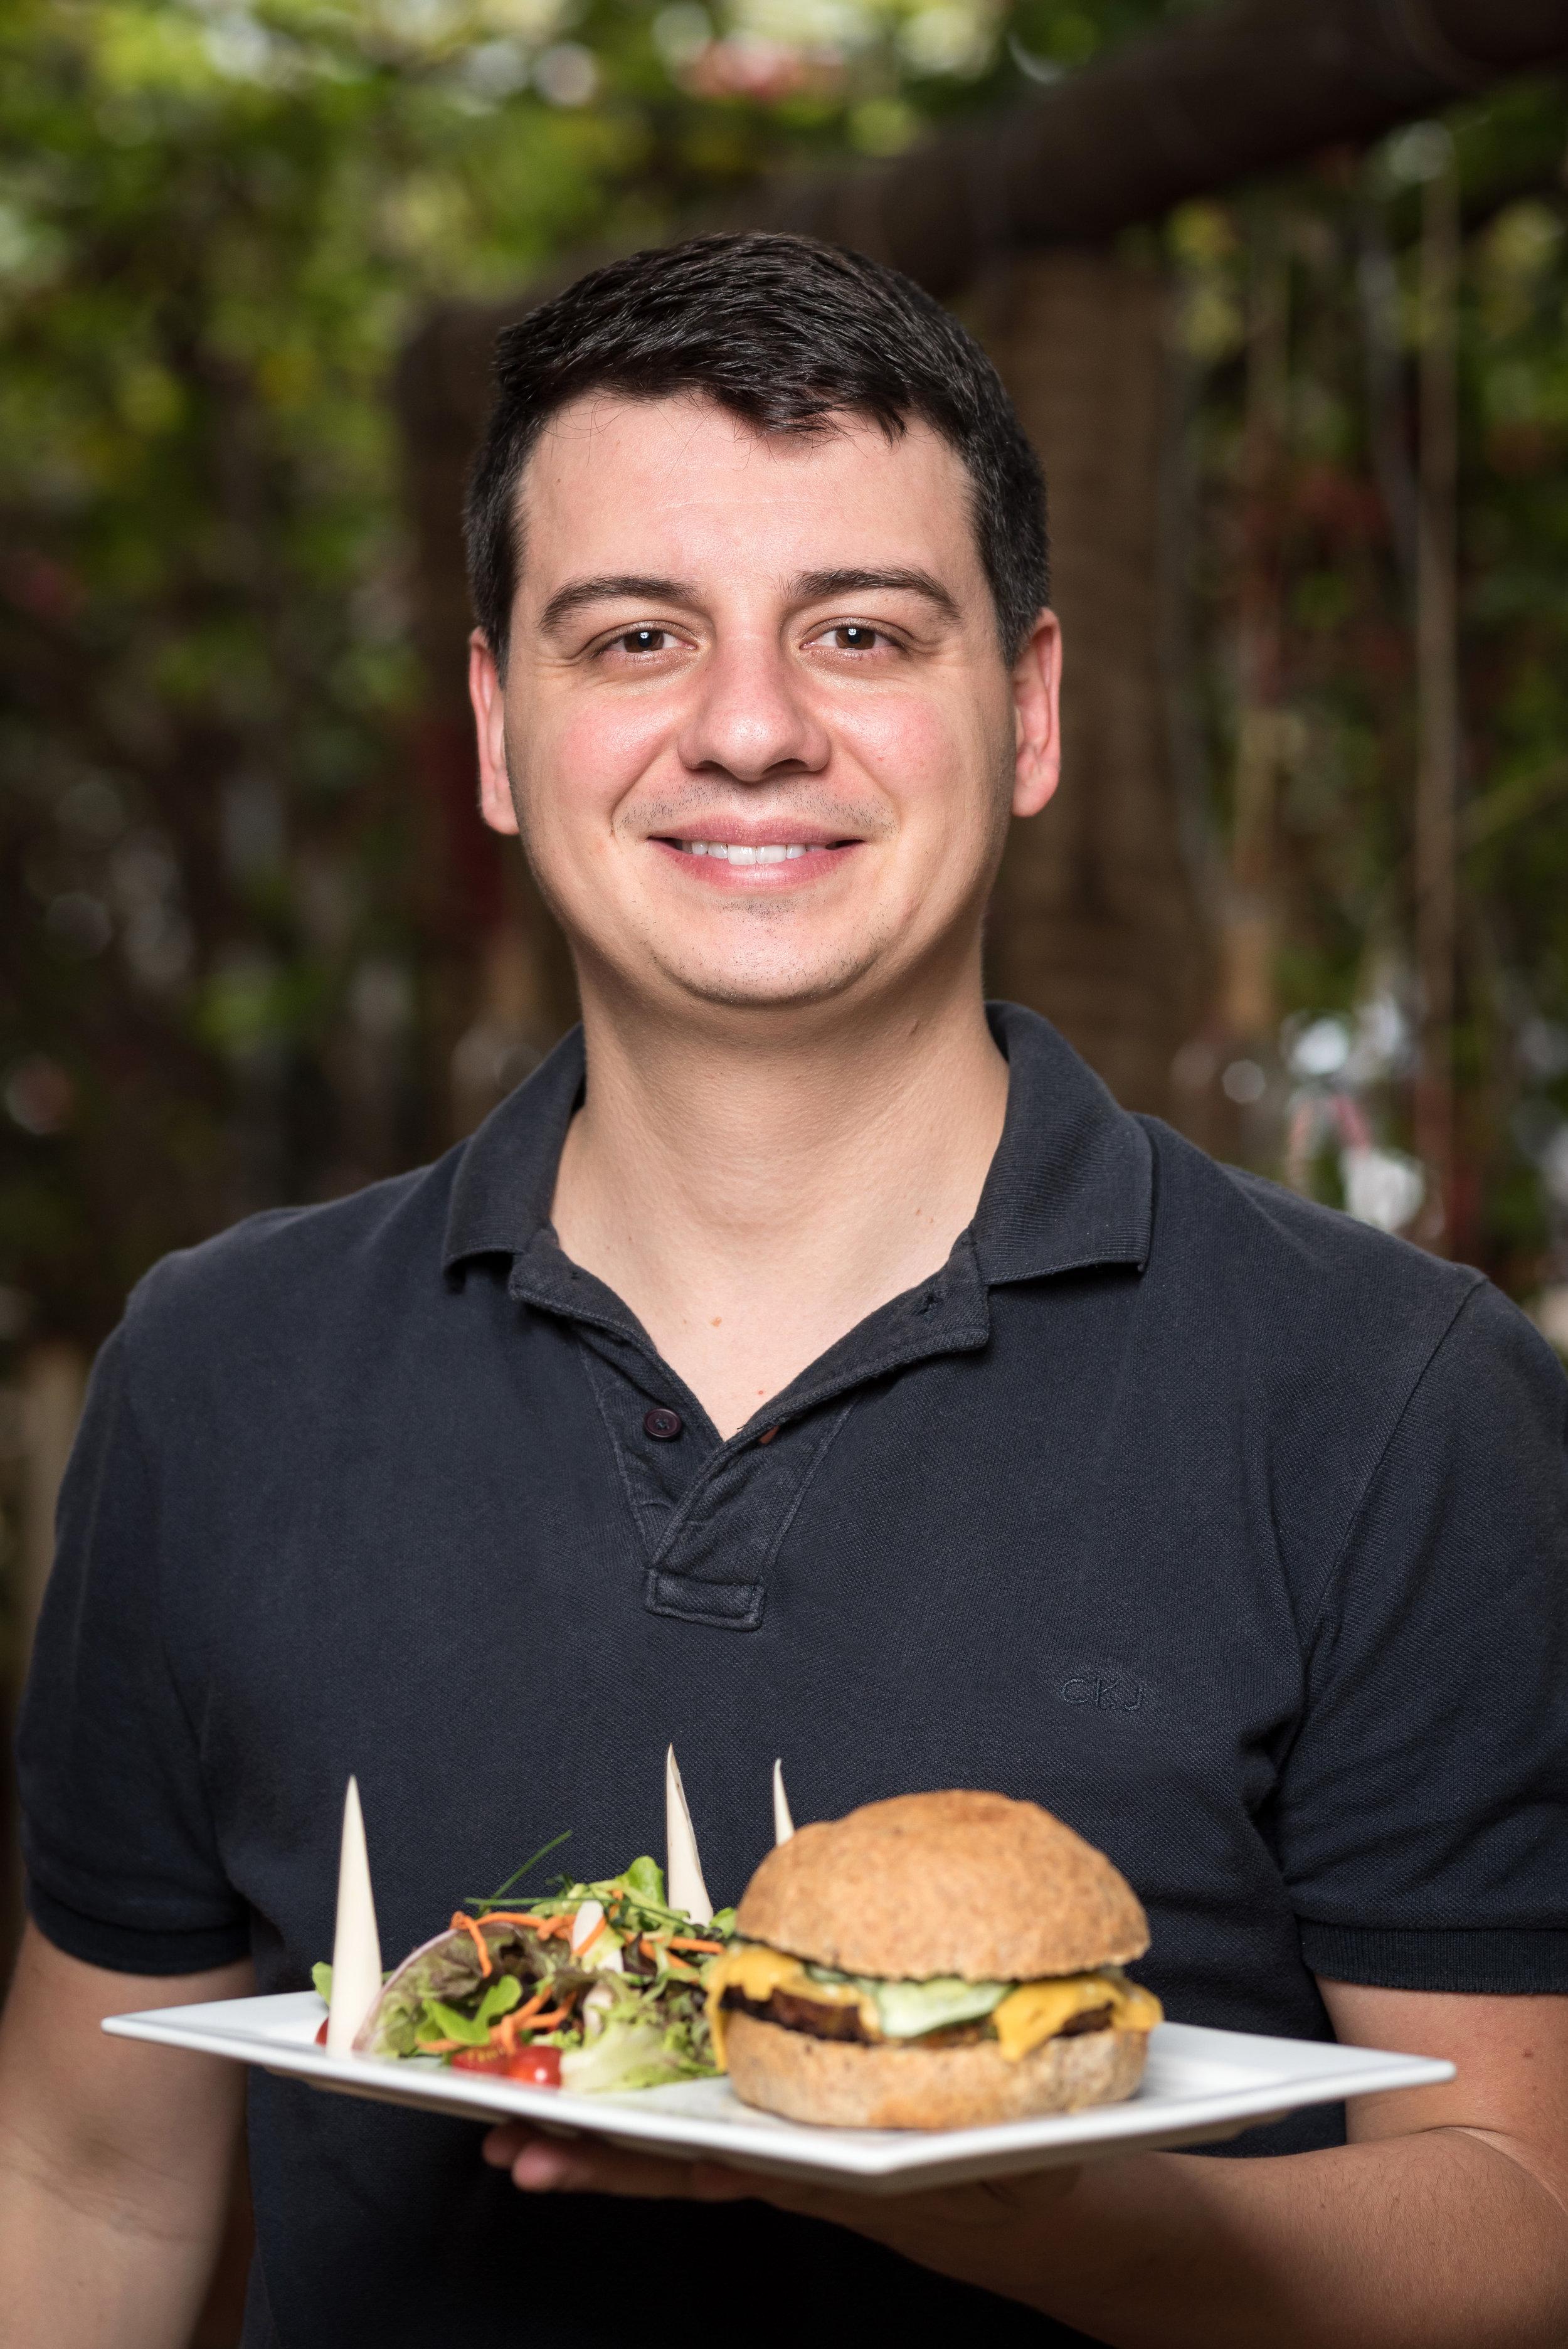 Andrei Prates, do Cantucci Bistrô, apresenta sua receita para o projeto.  Foto: Telmo Ximenes.